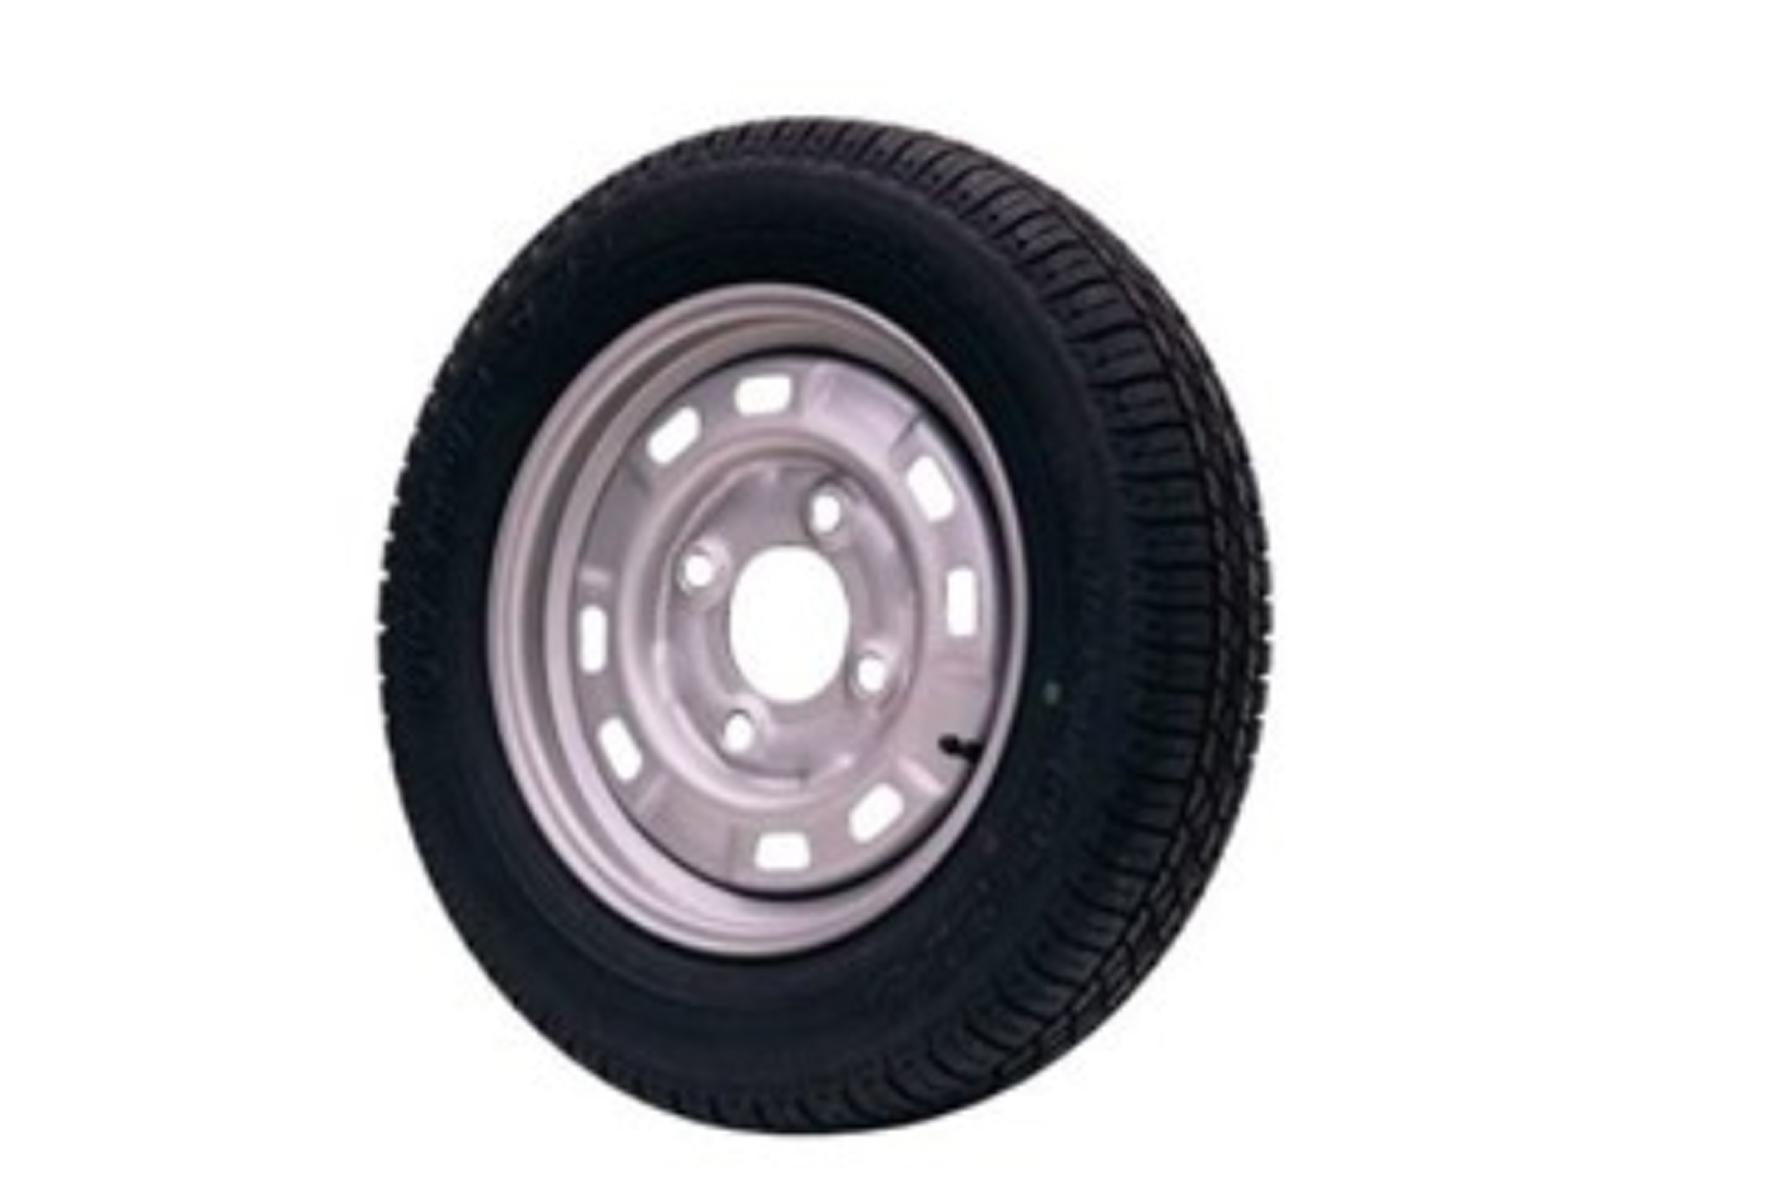 jante pneu pour essieu de remorque achat en ligne ou dans notre magasin. Black Bedroom Furniture Sets. Home Design Ideas